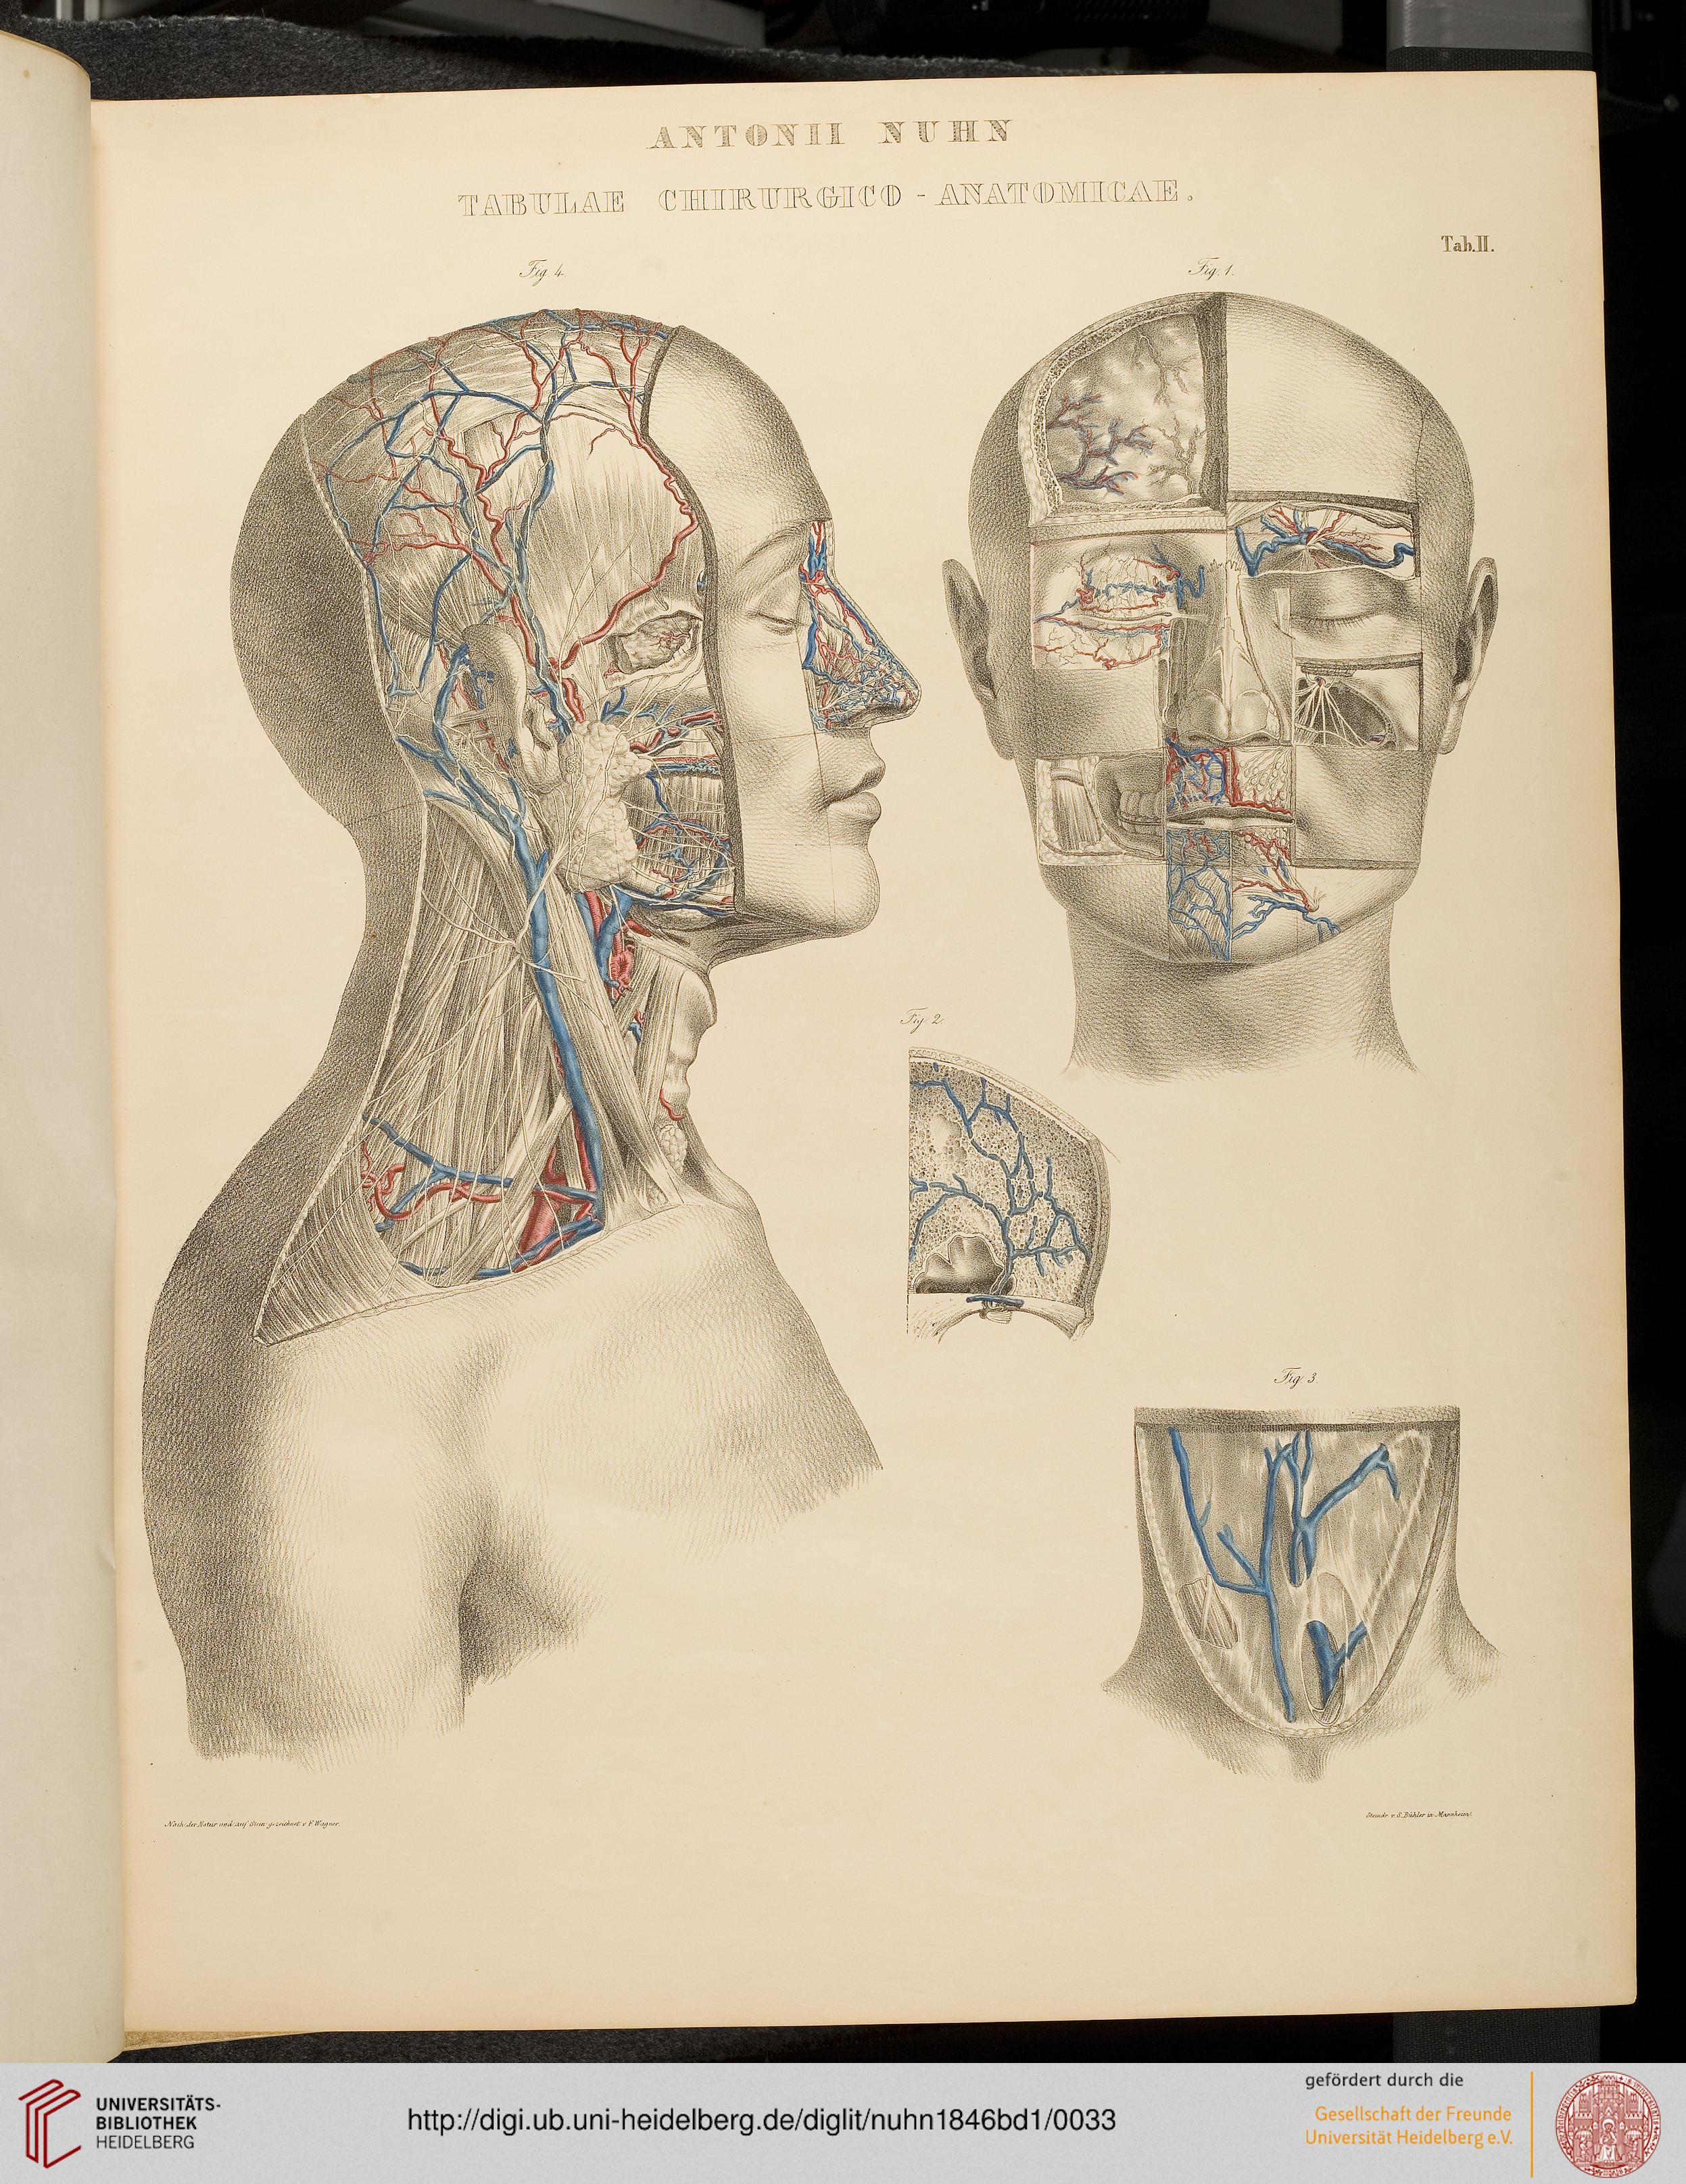 Beste Chirurgische Anatomie Des Halses Galerie - Anatomie Ideen ...